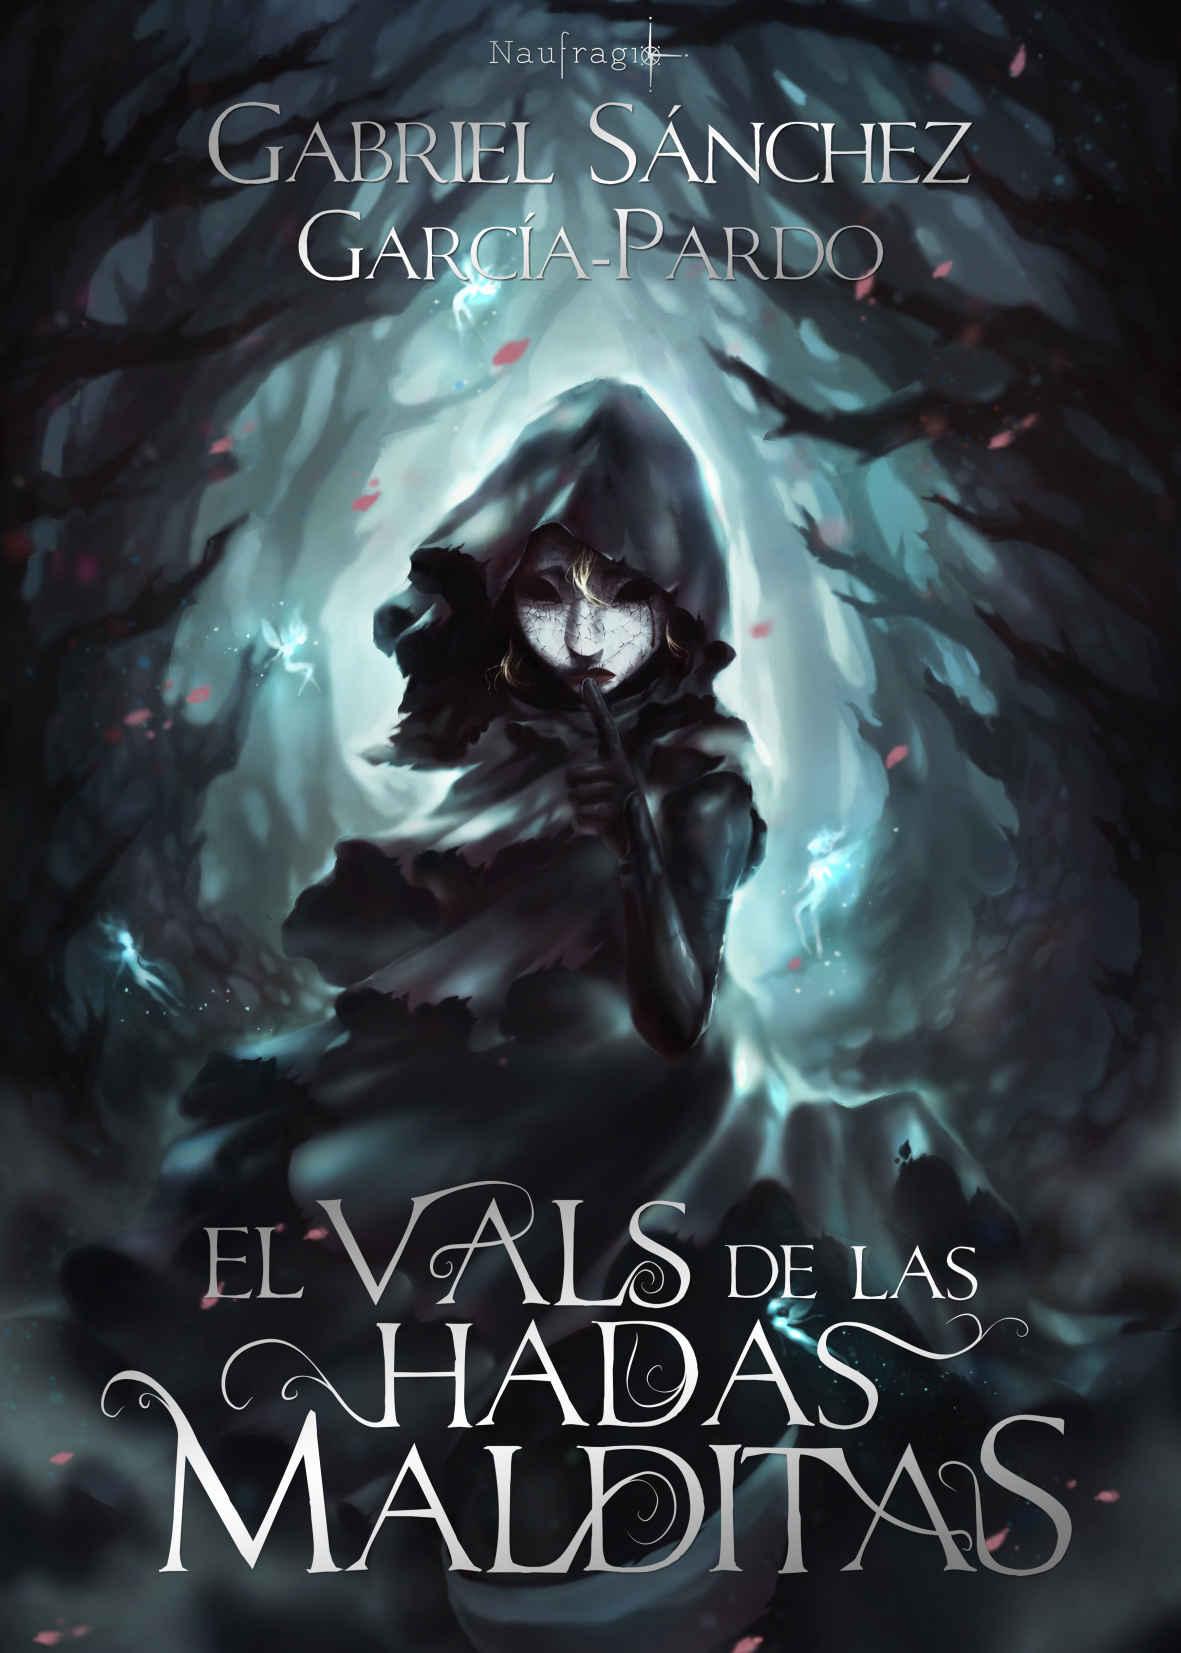 El vals de las hadas malditas - Gabriel Sánchez García-Pardo